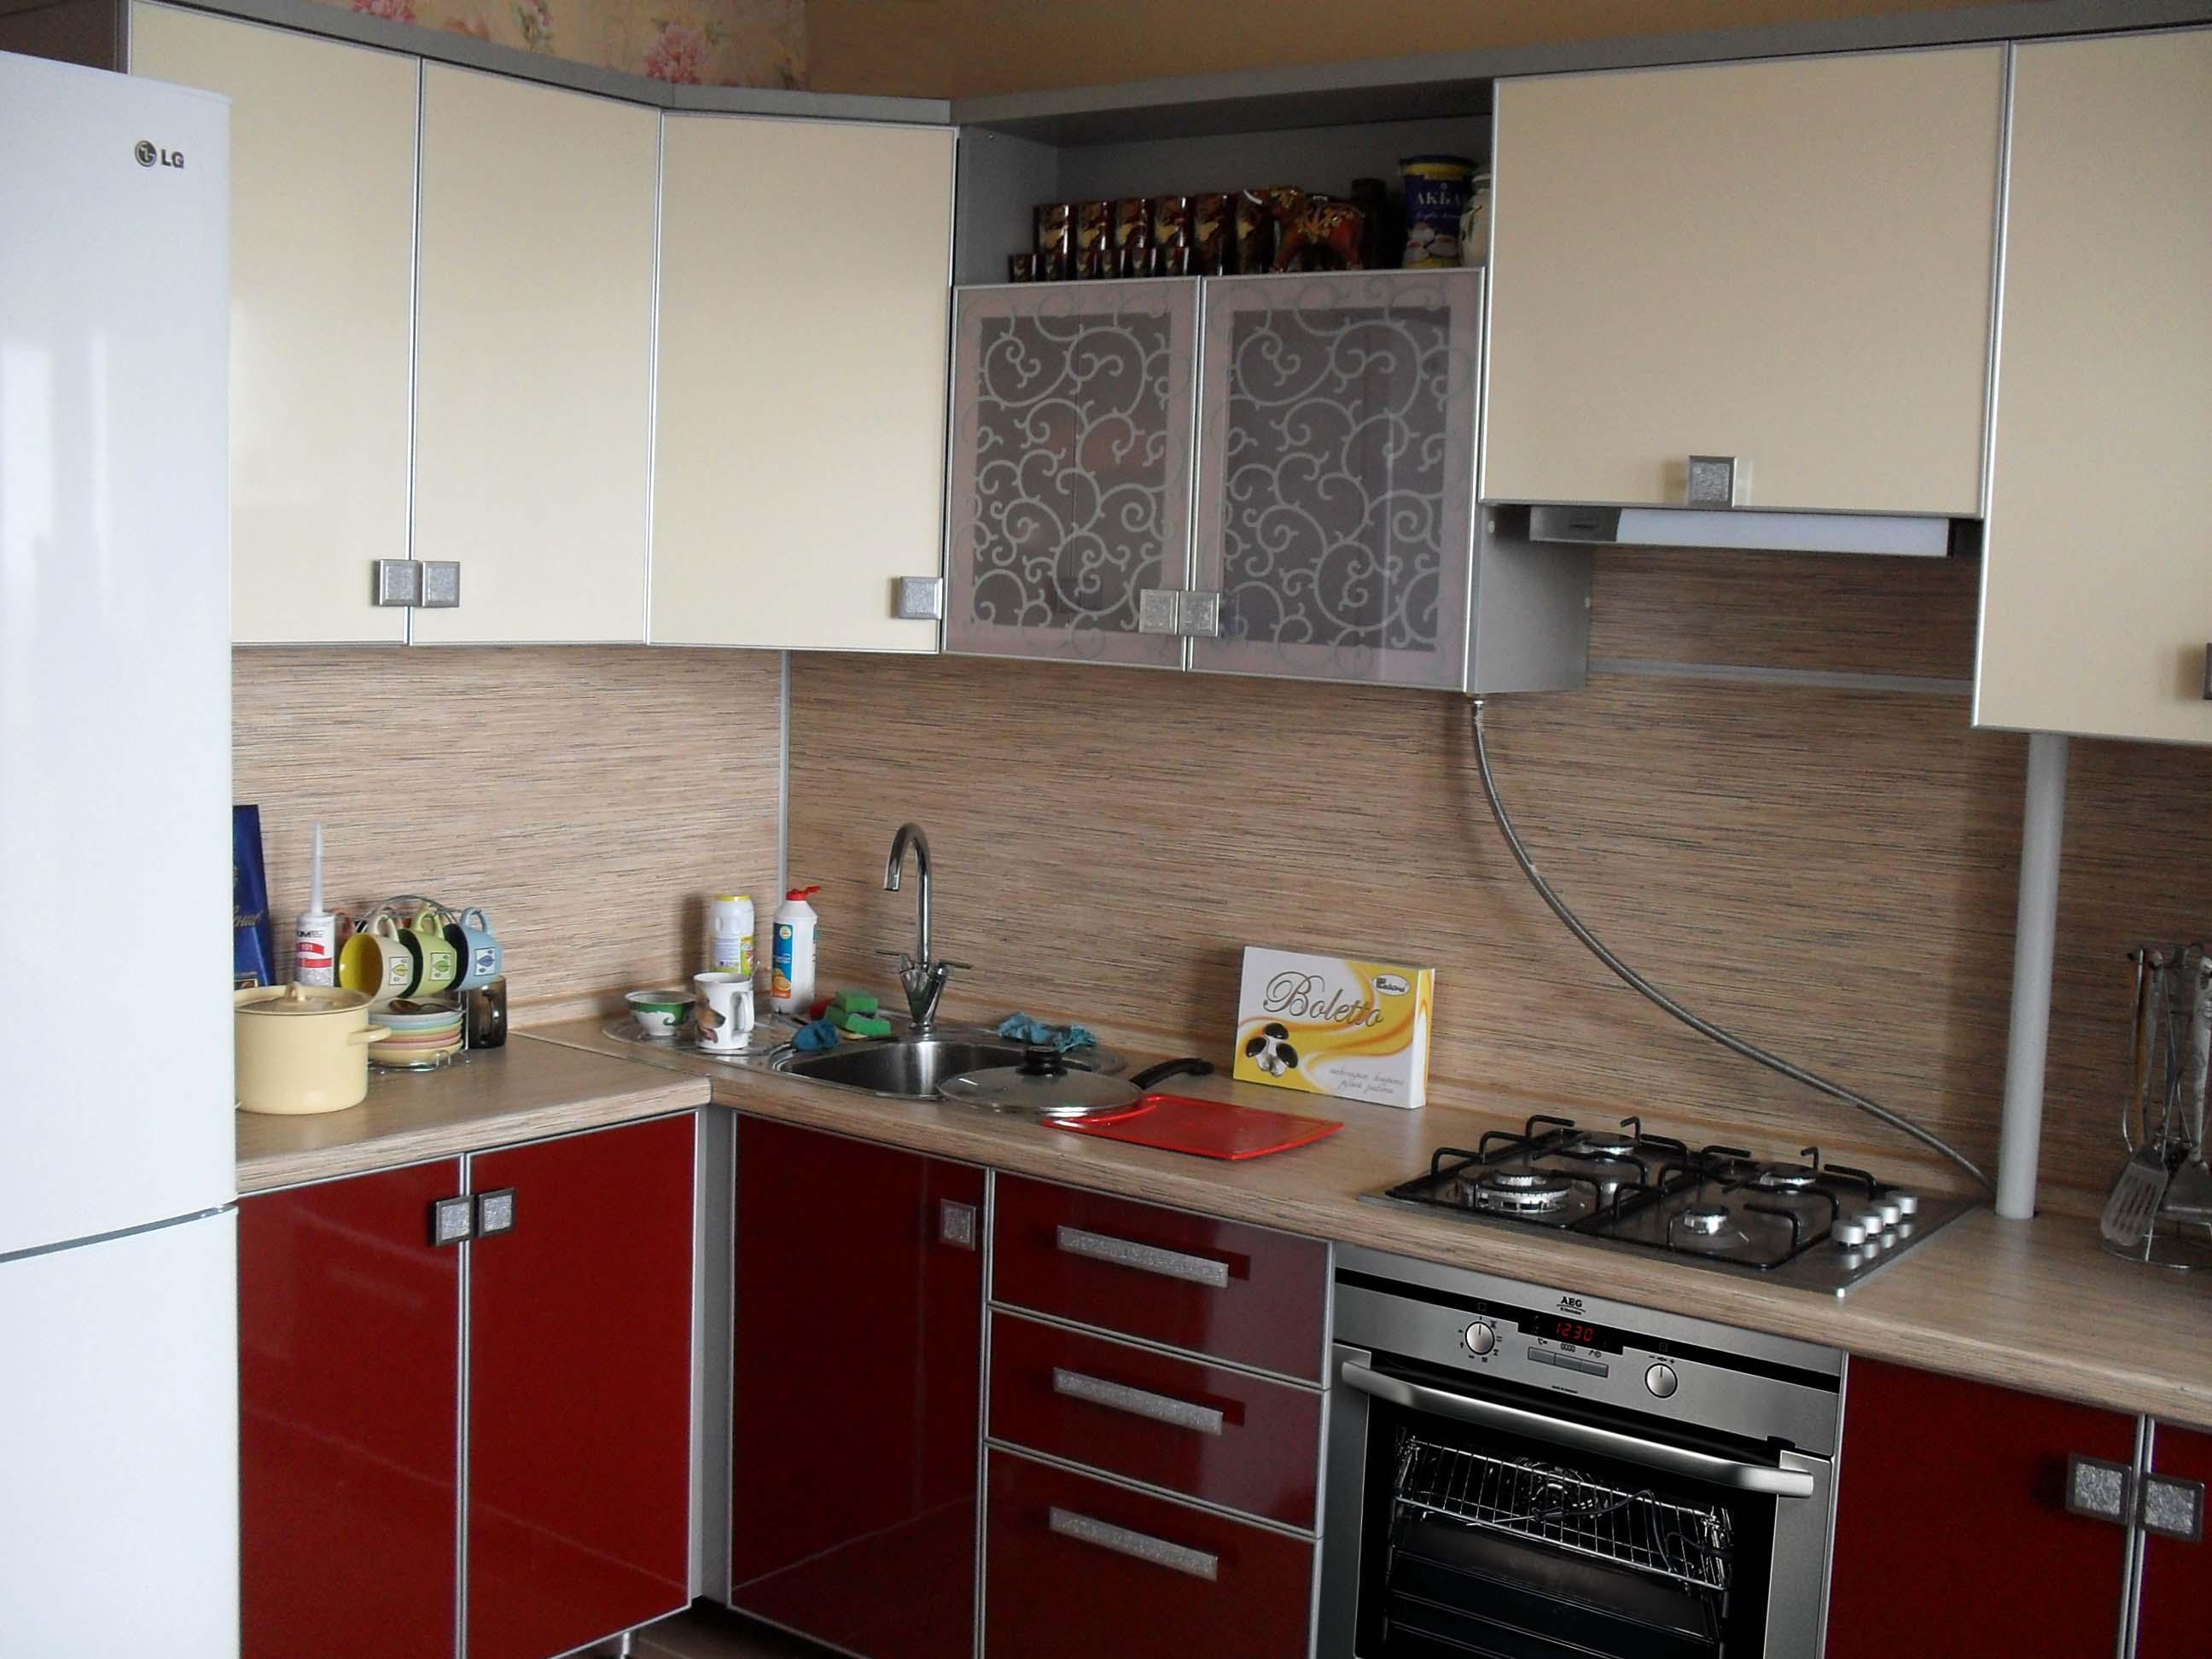 фото кухни из красного пластика